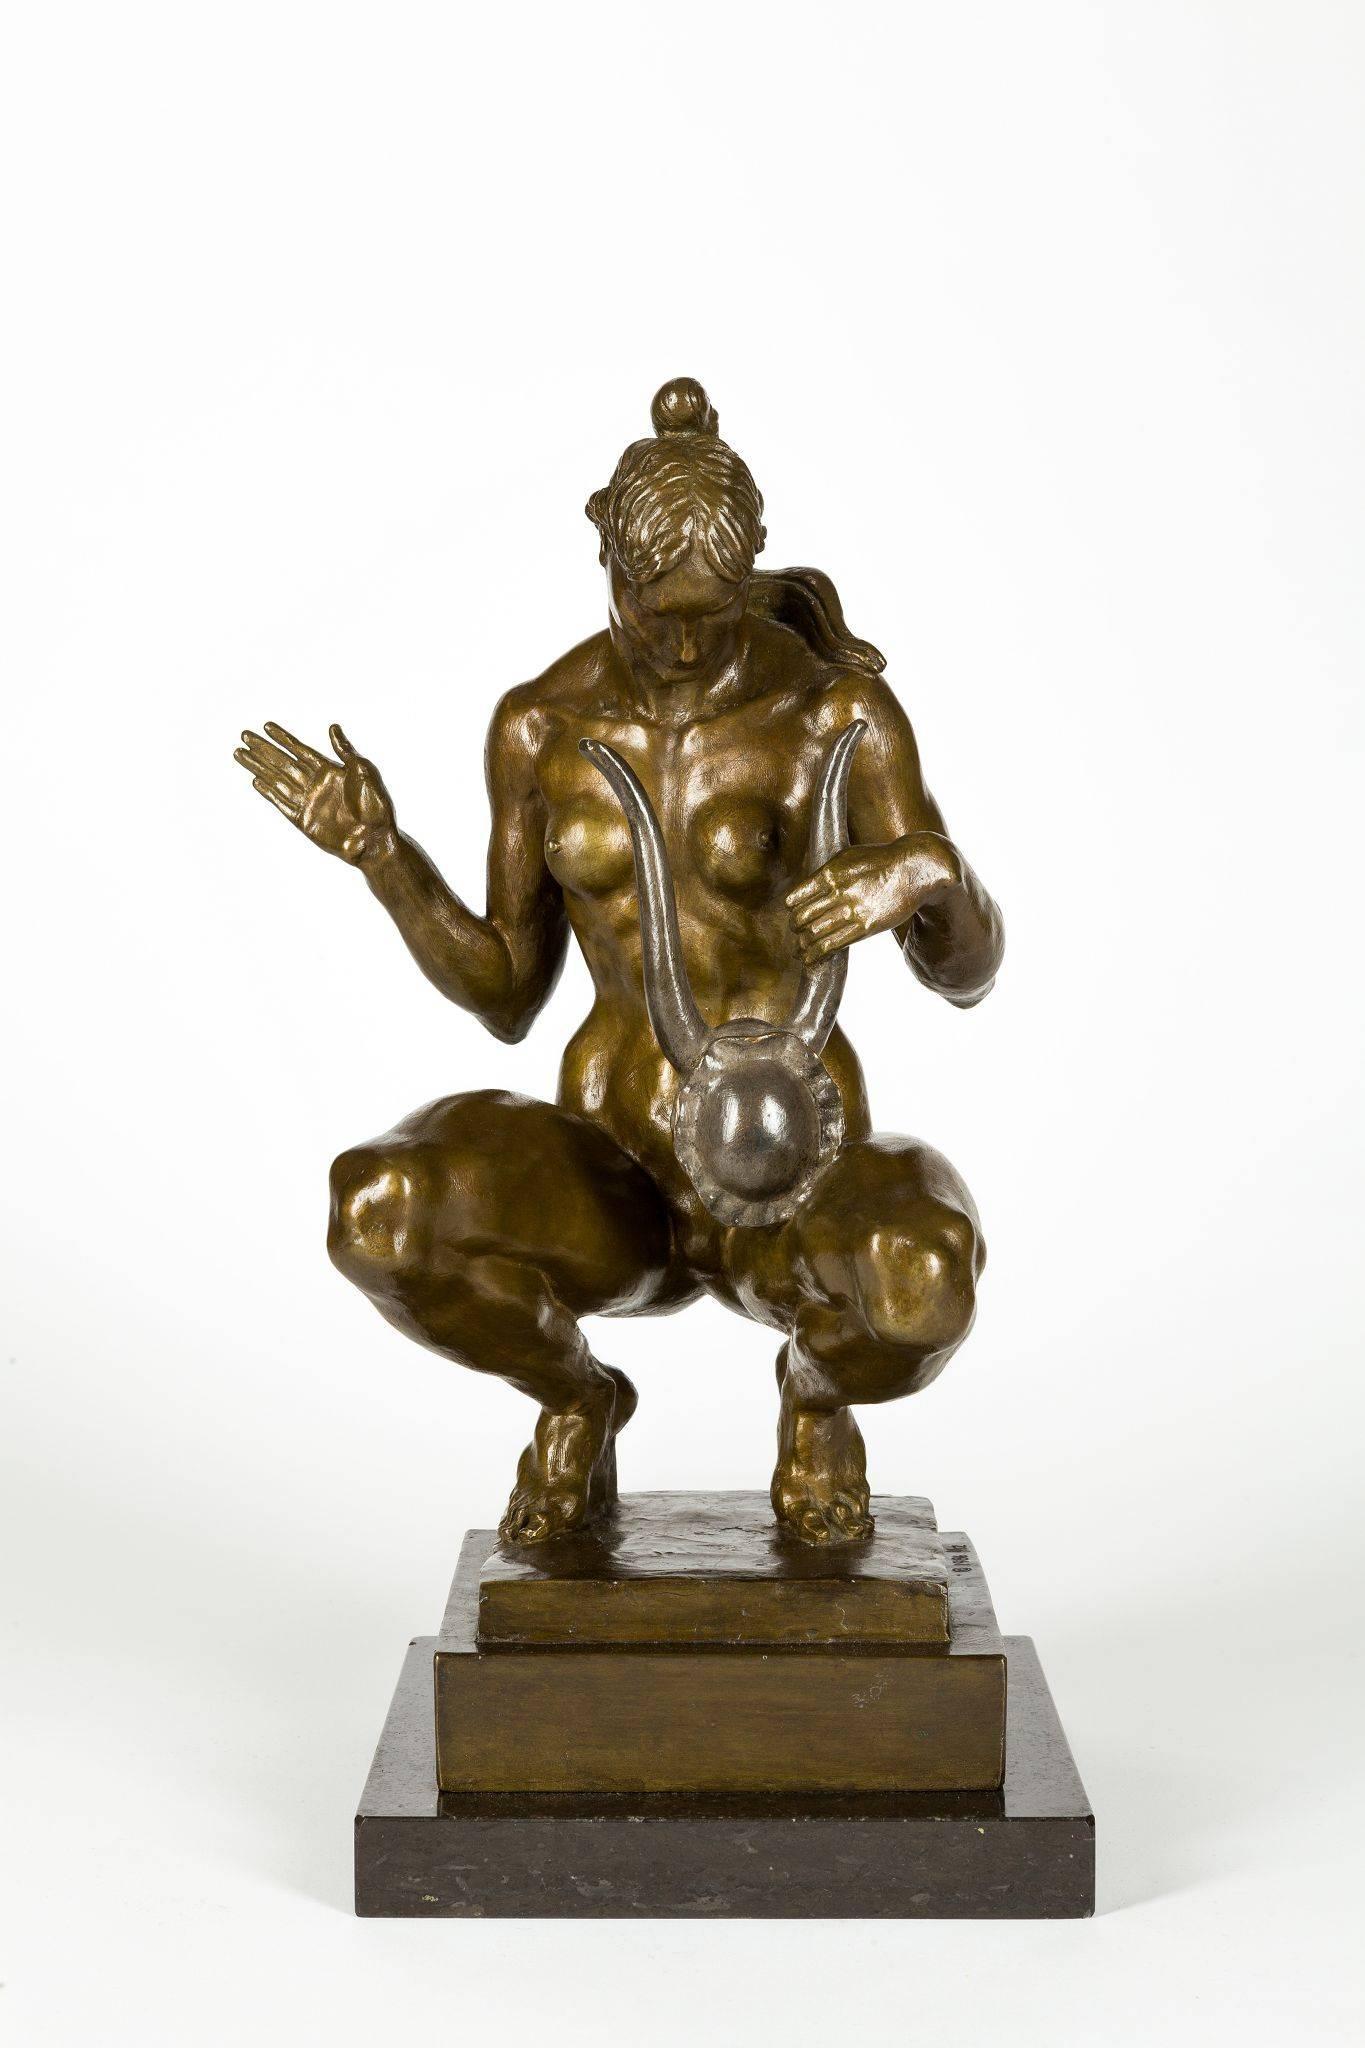 Donald De Lue - Chanson d\'Amour, Bronze Sculpture For Sale at 1stdibs